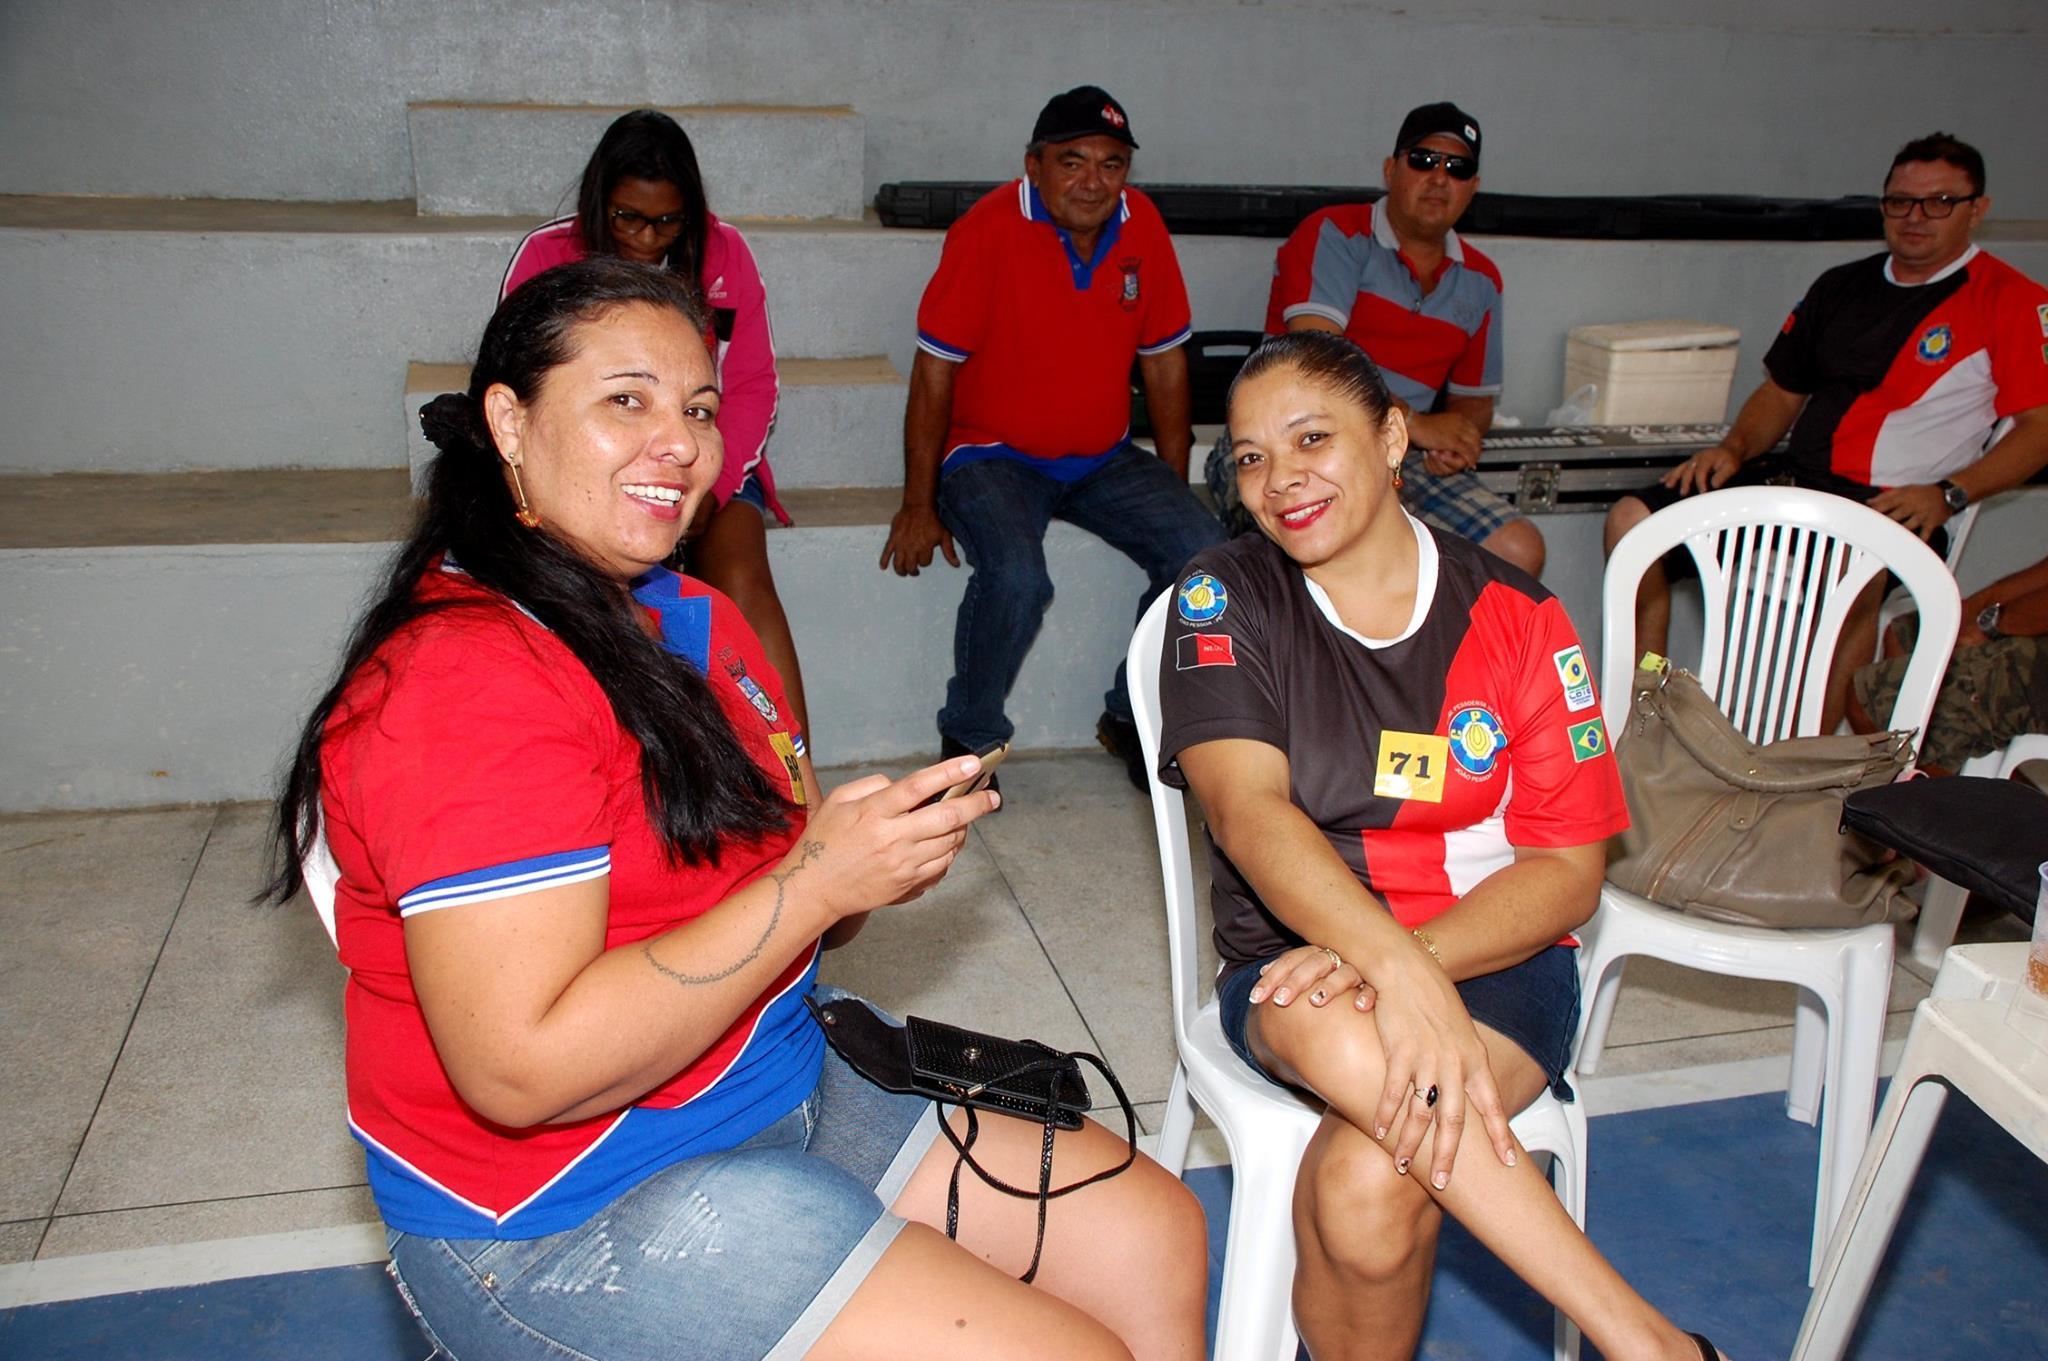 18699359_1889324238007433_3525978417623097849_o-300x199 Participantes comemoram o sucesso do Torneio de Tiro Esportivo de Monteiro